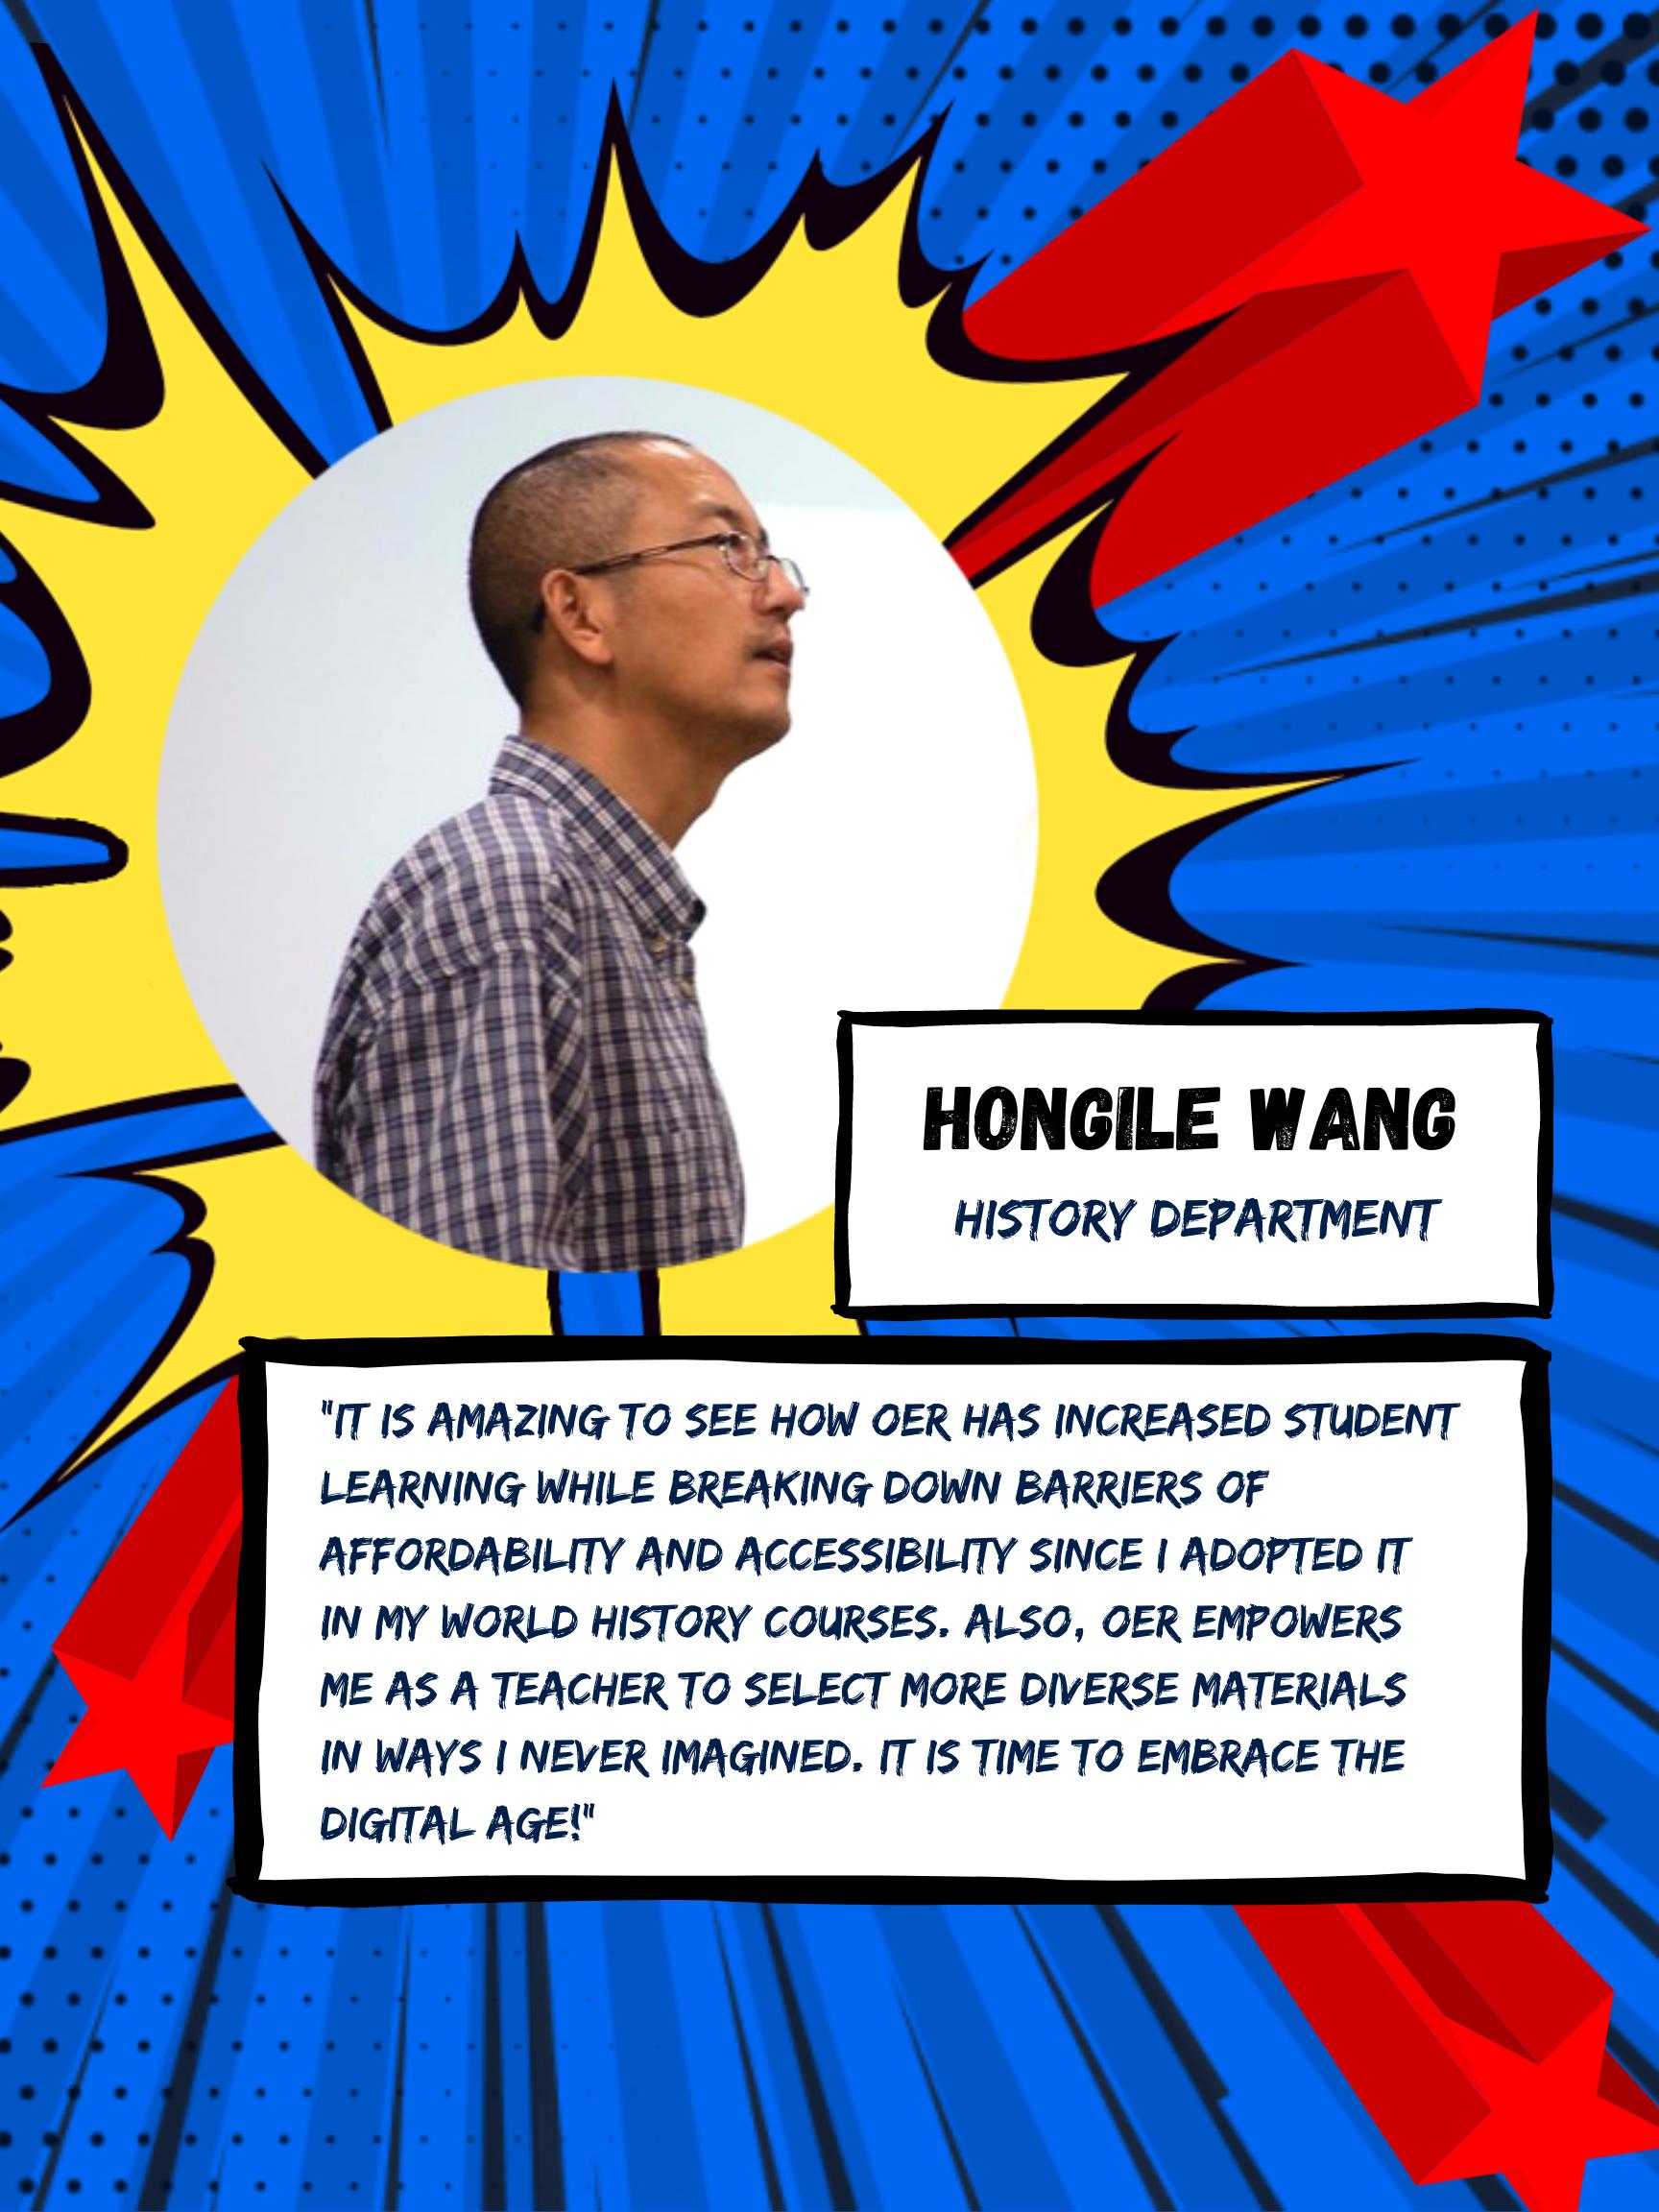 OER Heroes Hongile Wang